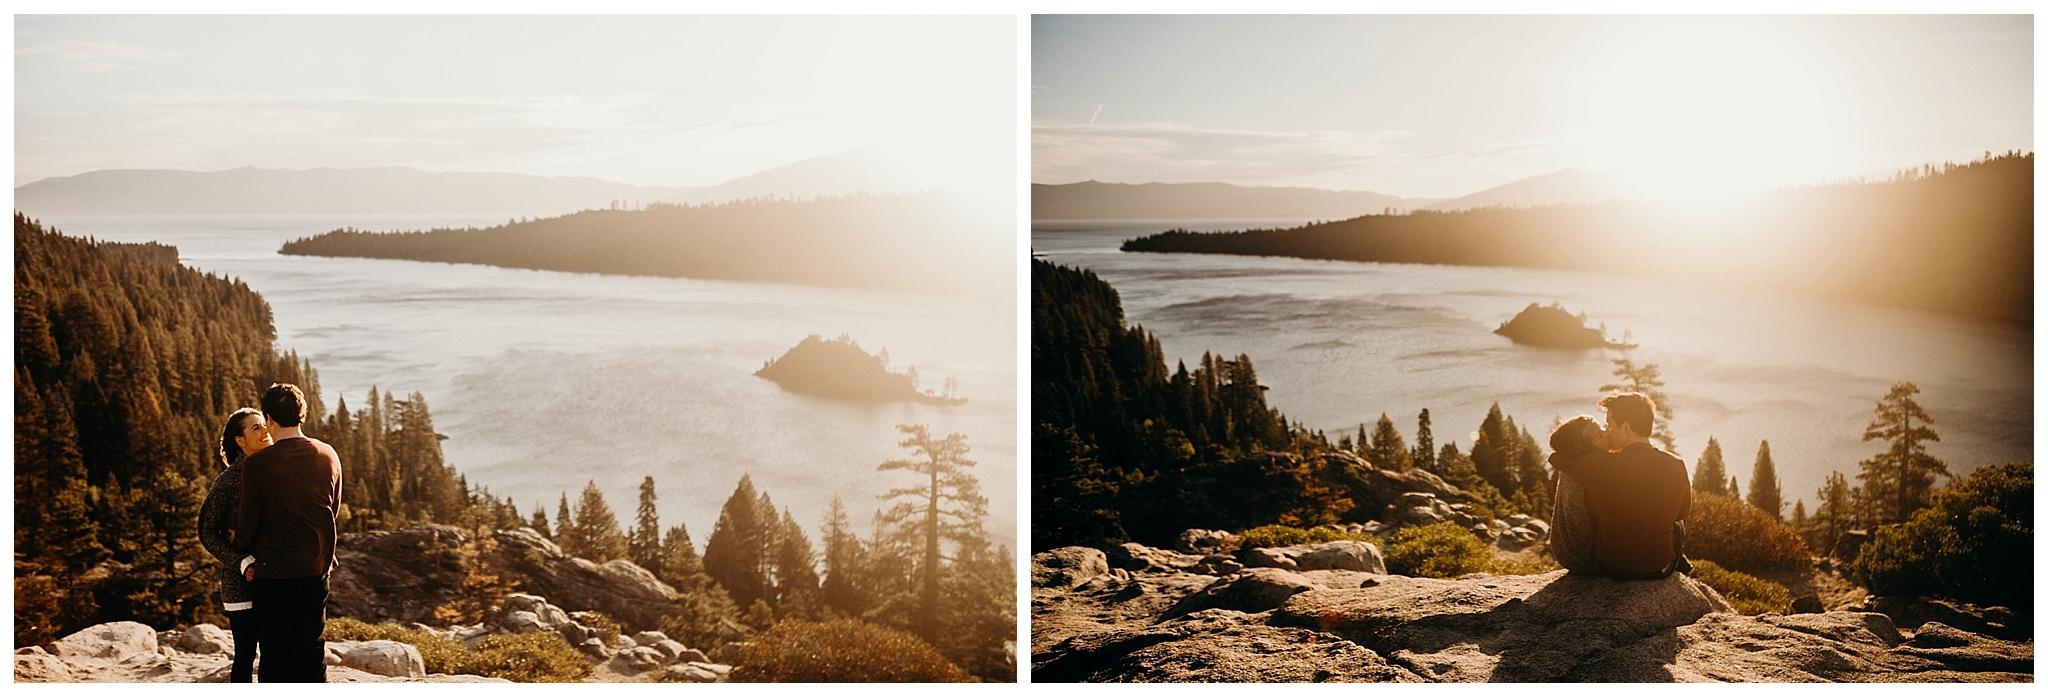 lake tahoe lifestyle photography - lake tahoe engagement photographer - lake tahoe elopement photographer - lake tahoe photographer - south lake tahoe photography-9.jpg